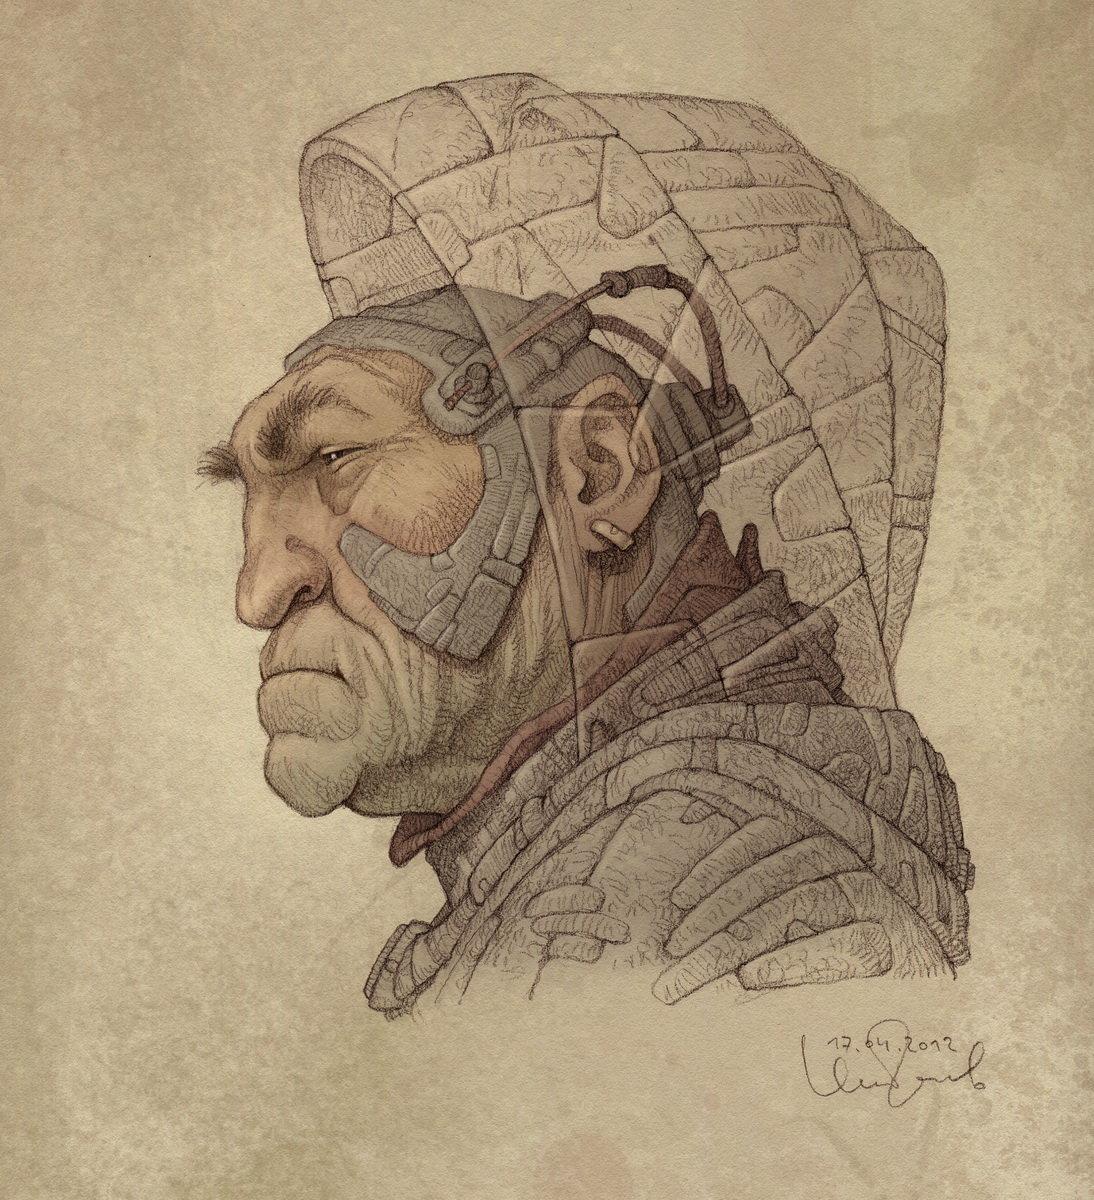 Penko gelev penkogelev 2012 04 20